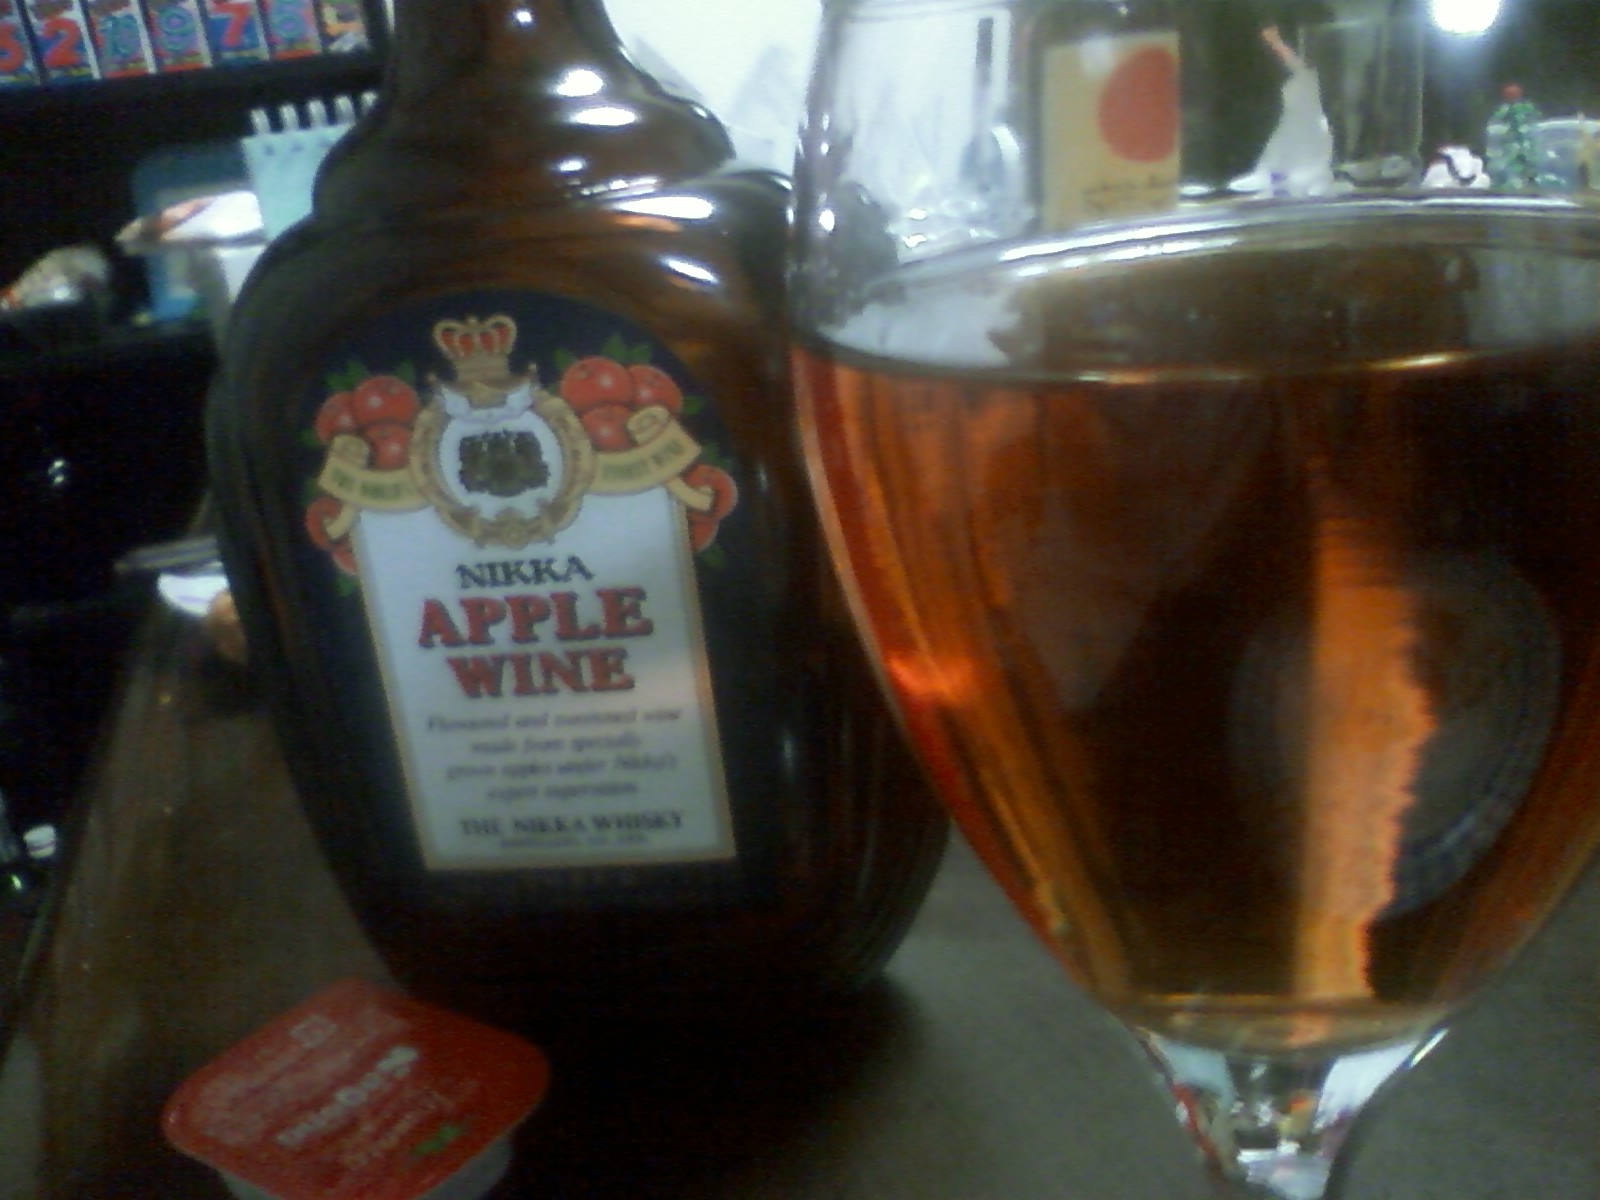 「アップルワイン」といいますの♪ アルコール度数はたしか25°だったかな